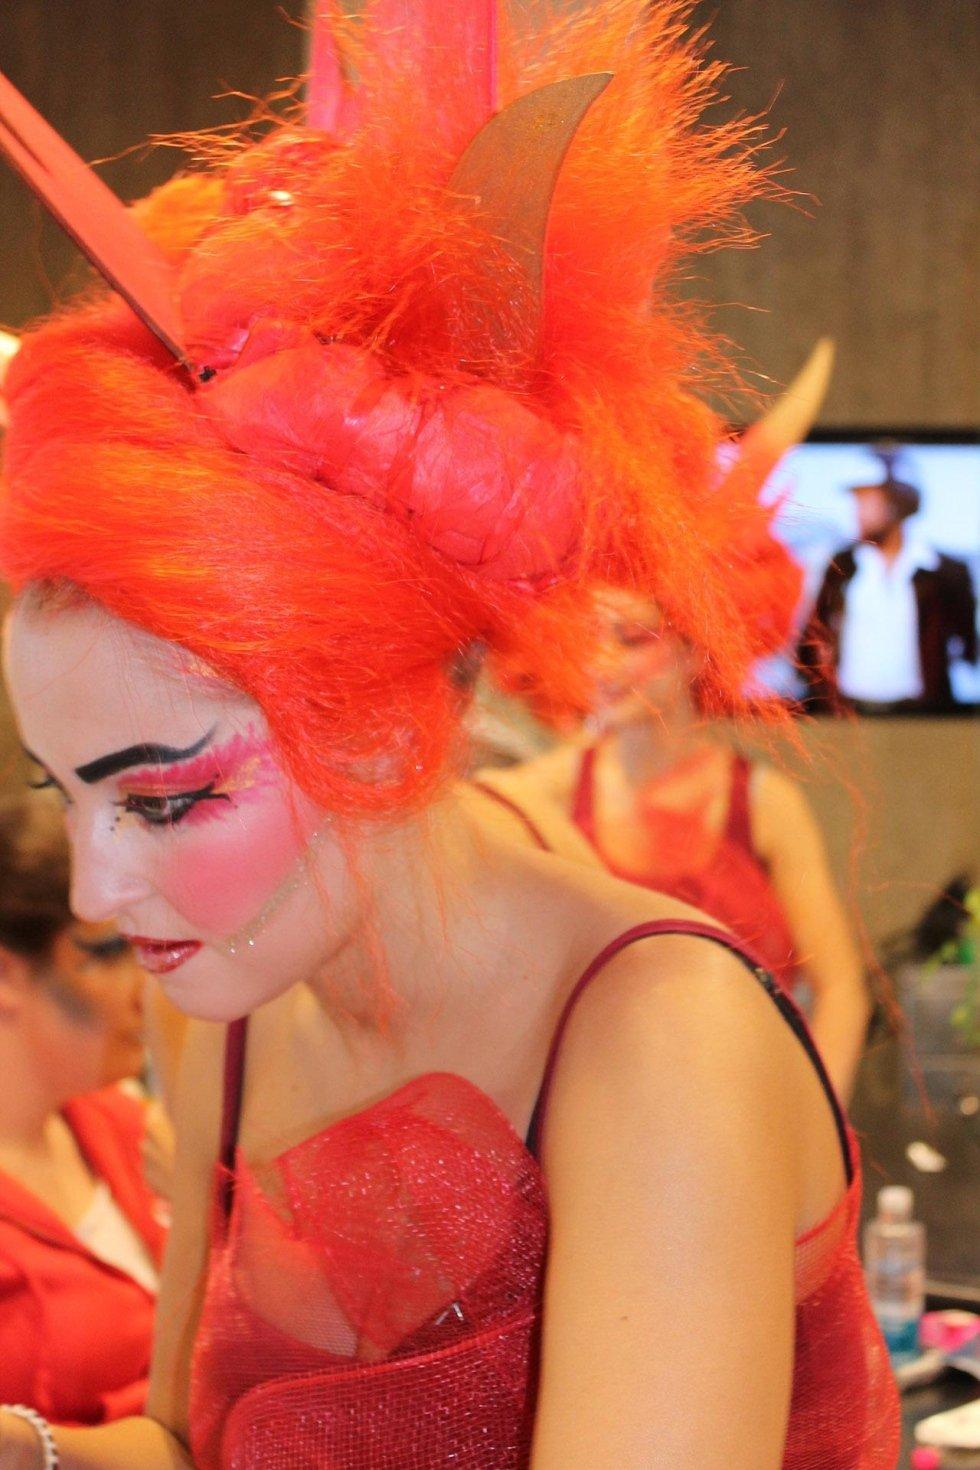 una donna con un vestito rosso e una parrucca arancione